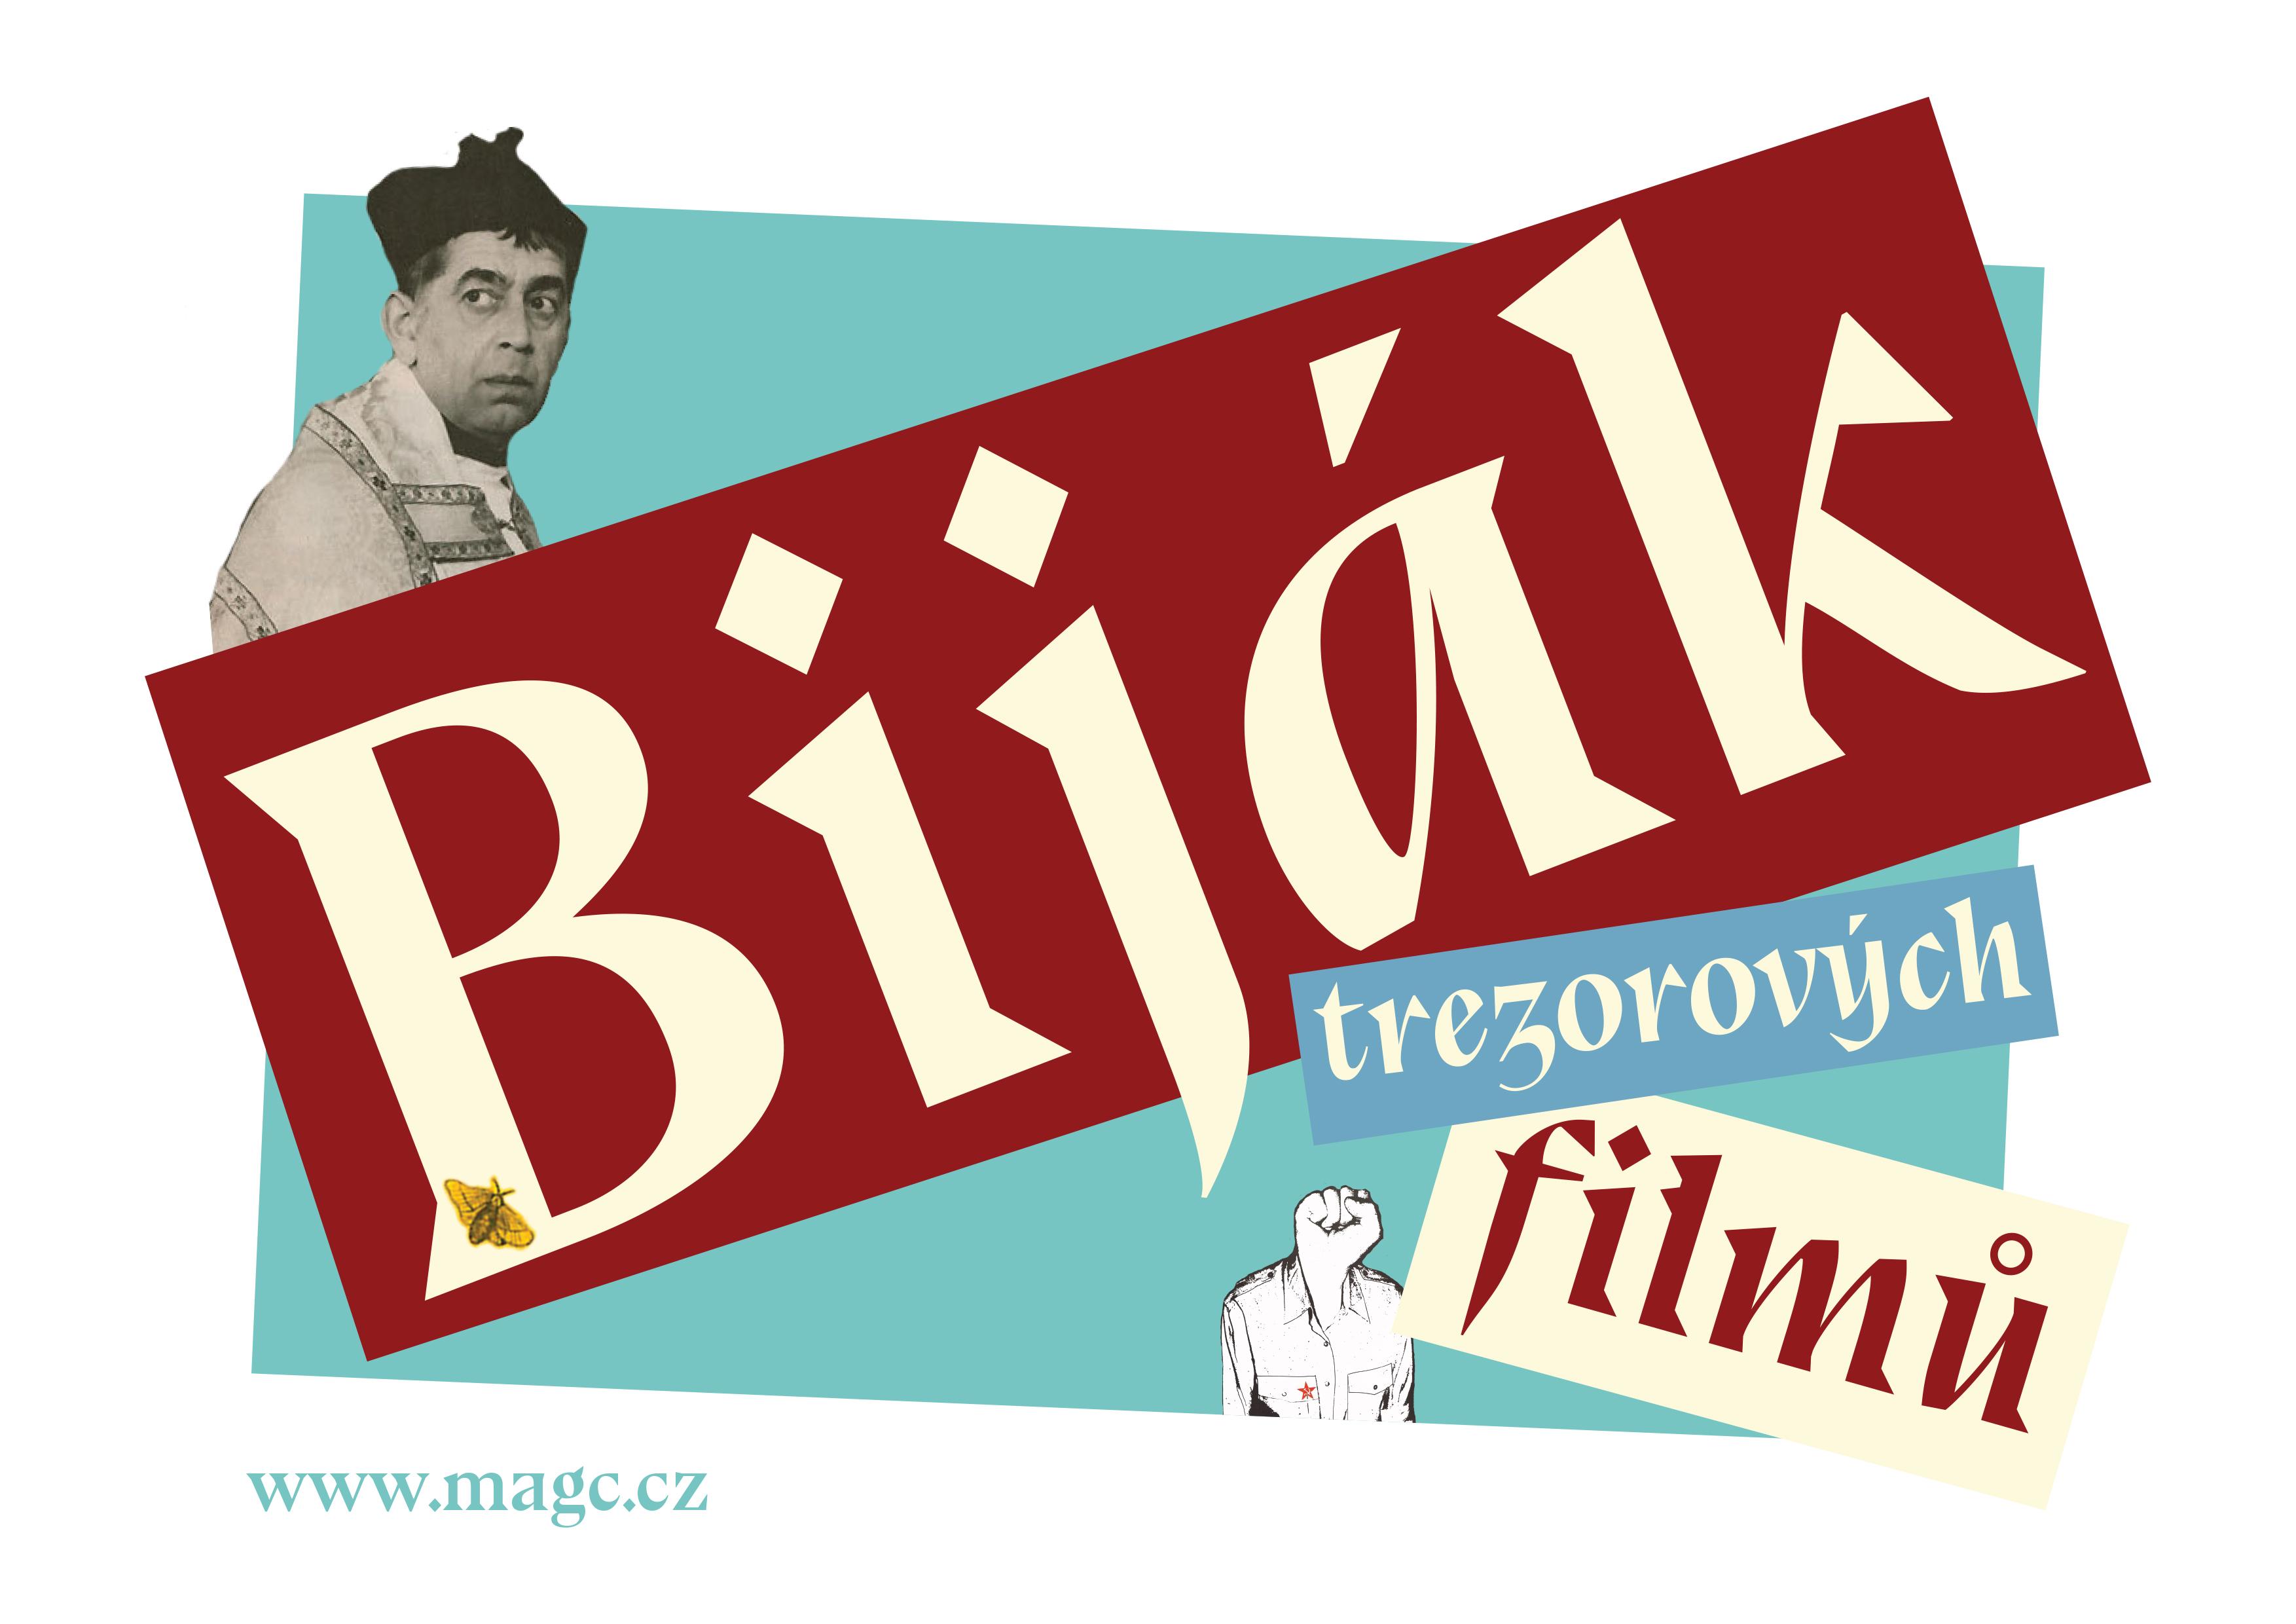 image for BIJÁK trezorových filmů